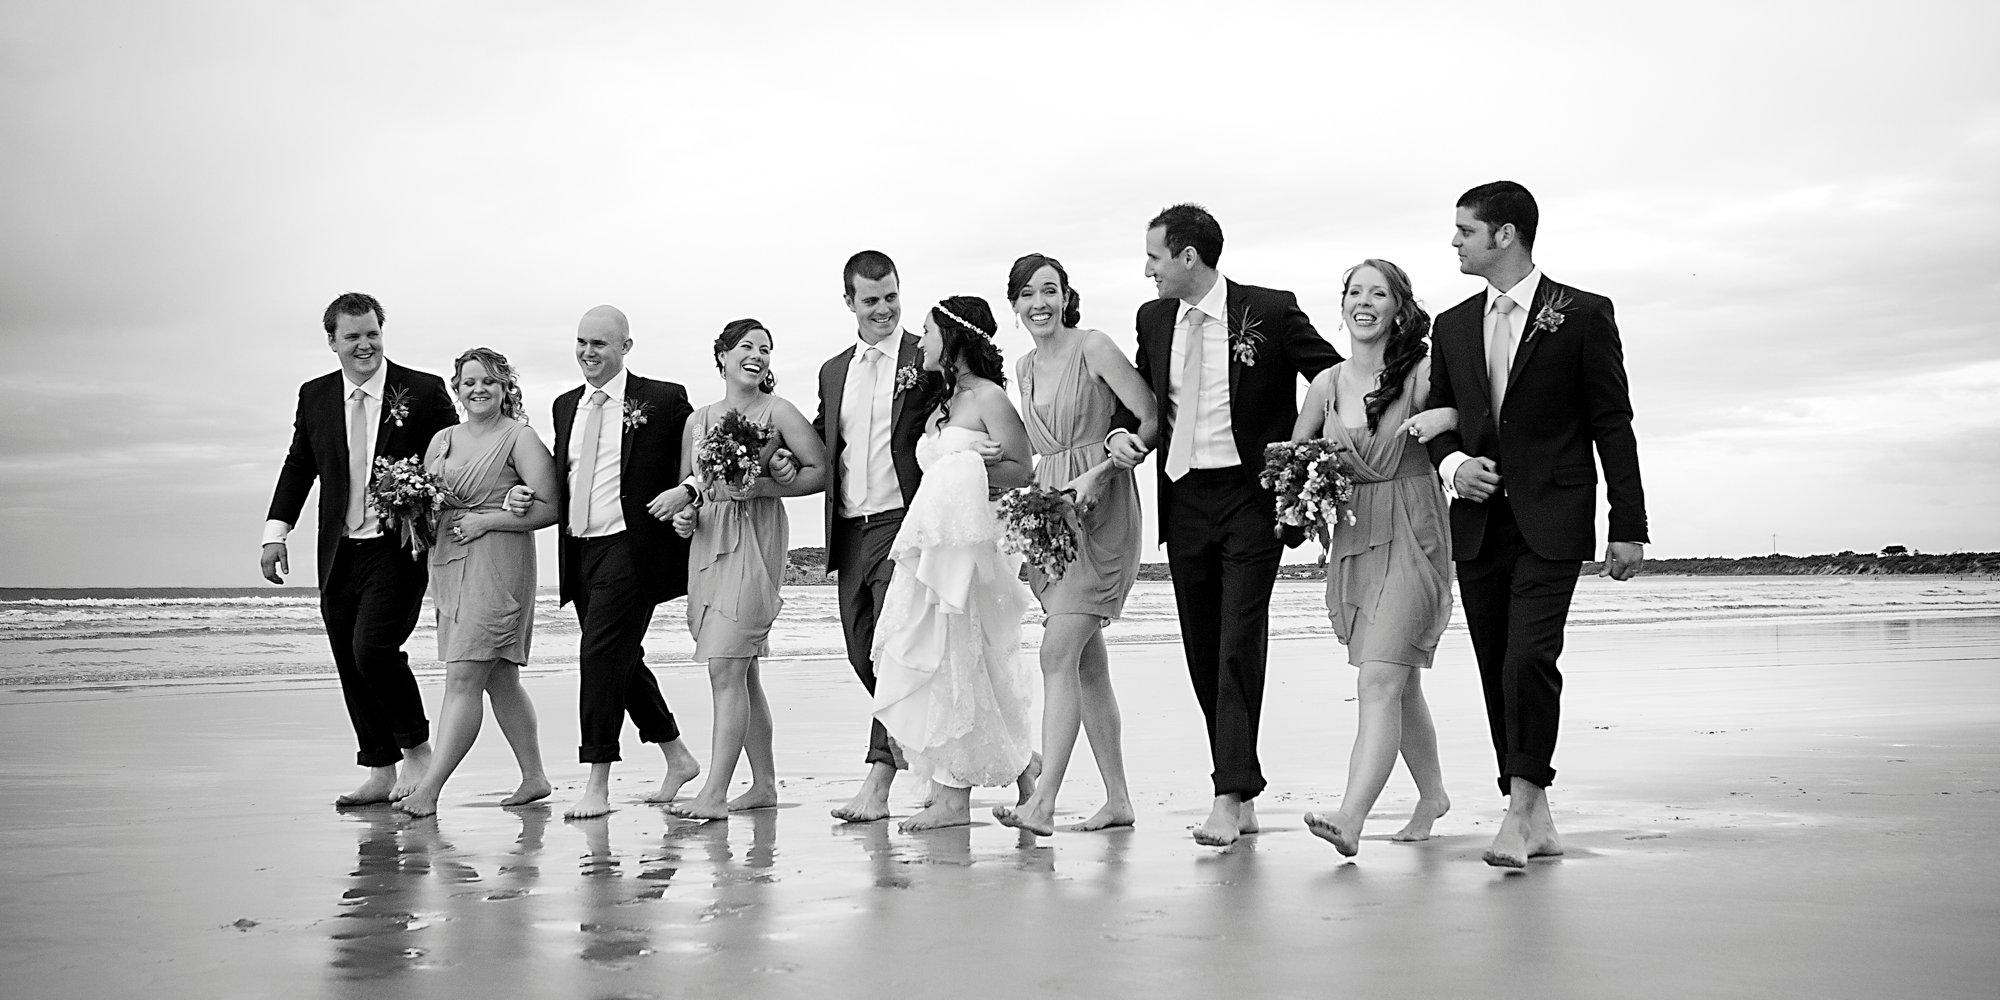 best online wedding album in Sydney